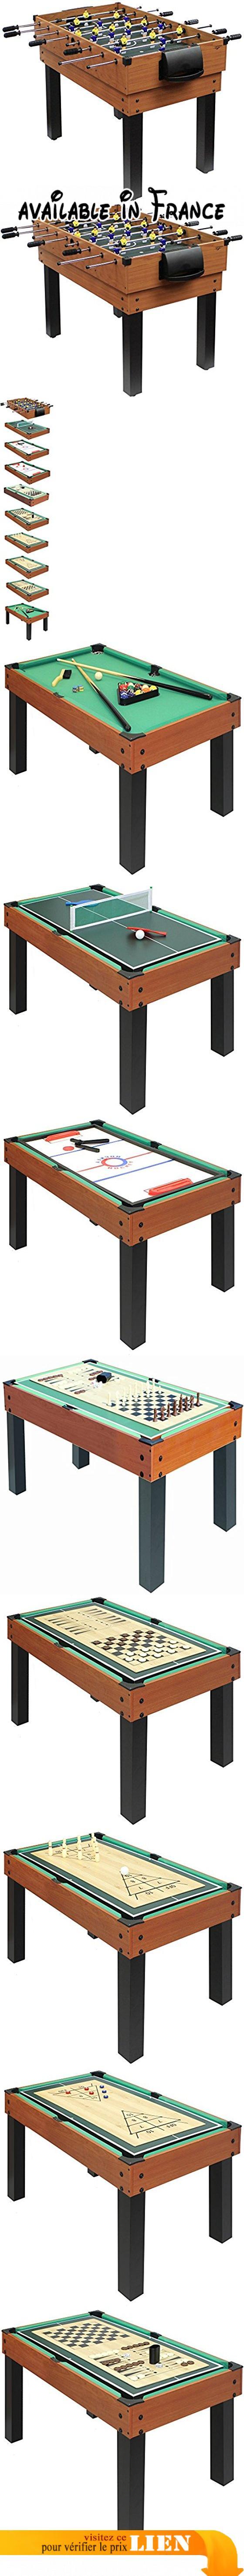 Table multi-jeux Choice XT Carromco 5 en 5, 0605. 5 jeux. pieds